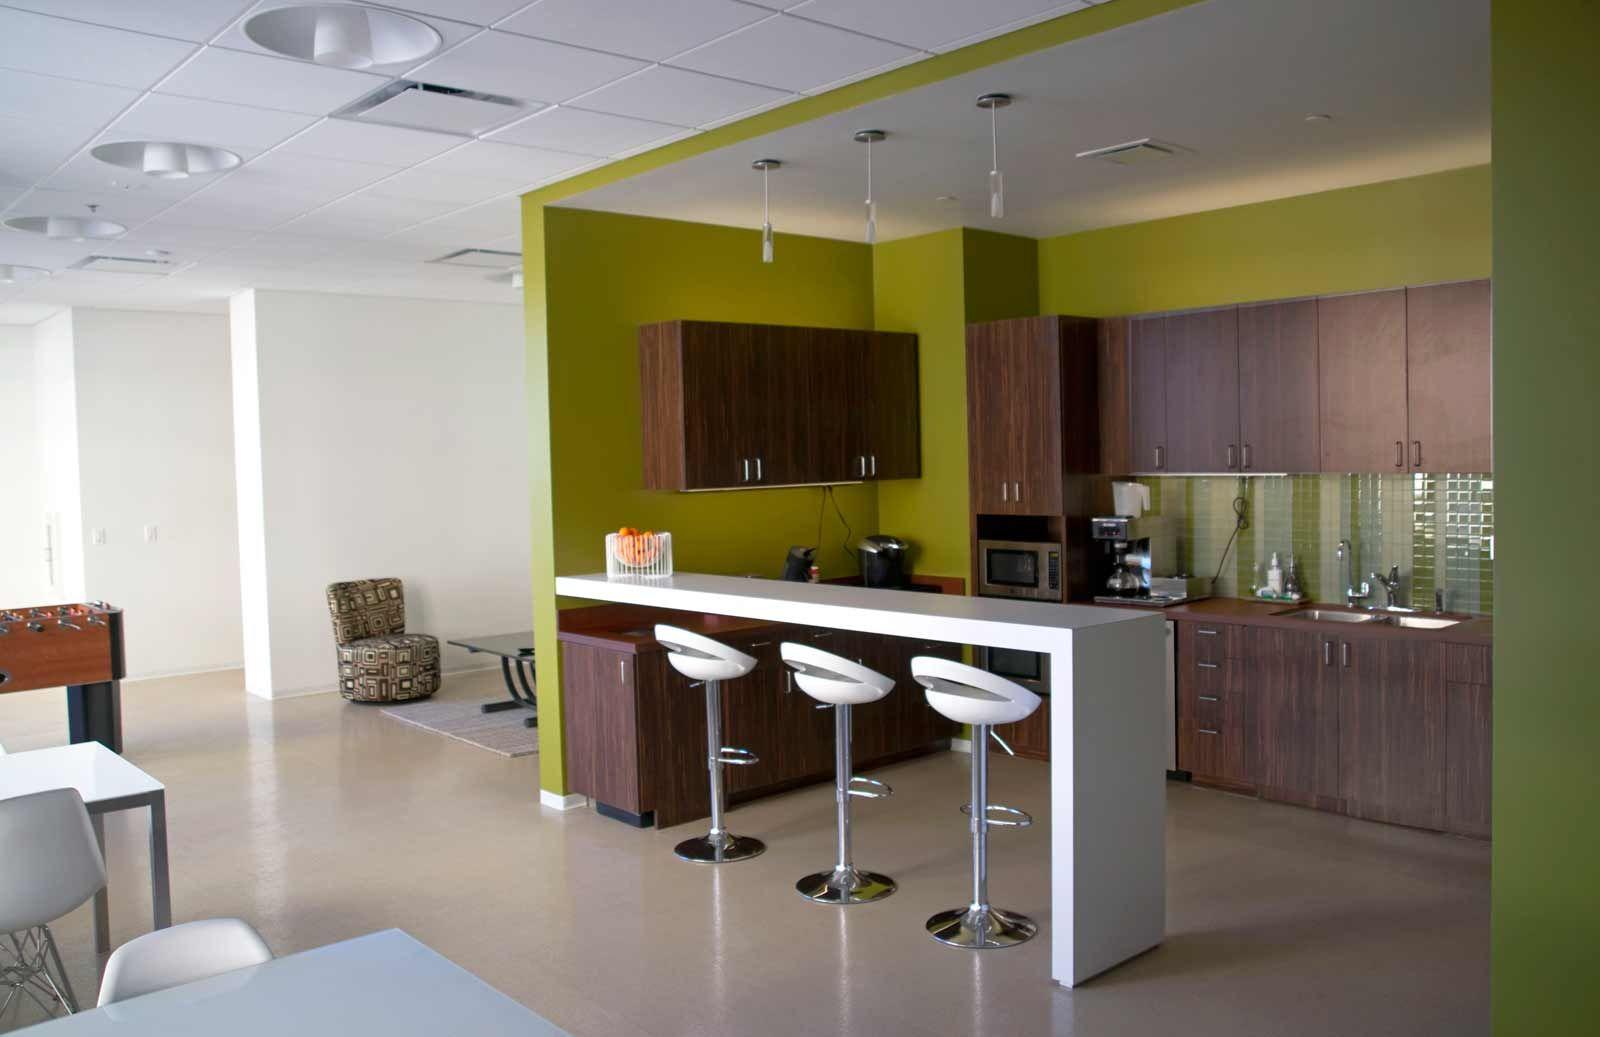 Full Size of Büroküche Inwerk Büro Küche Lidl Büroküche Teeküche Büro Küche Planen Küche Büroküche